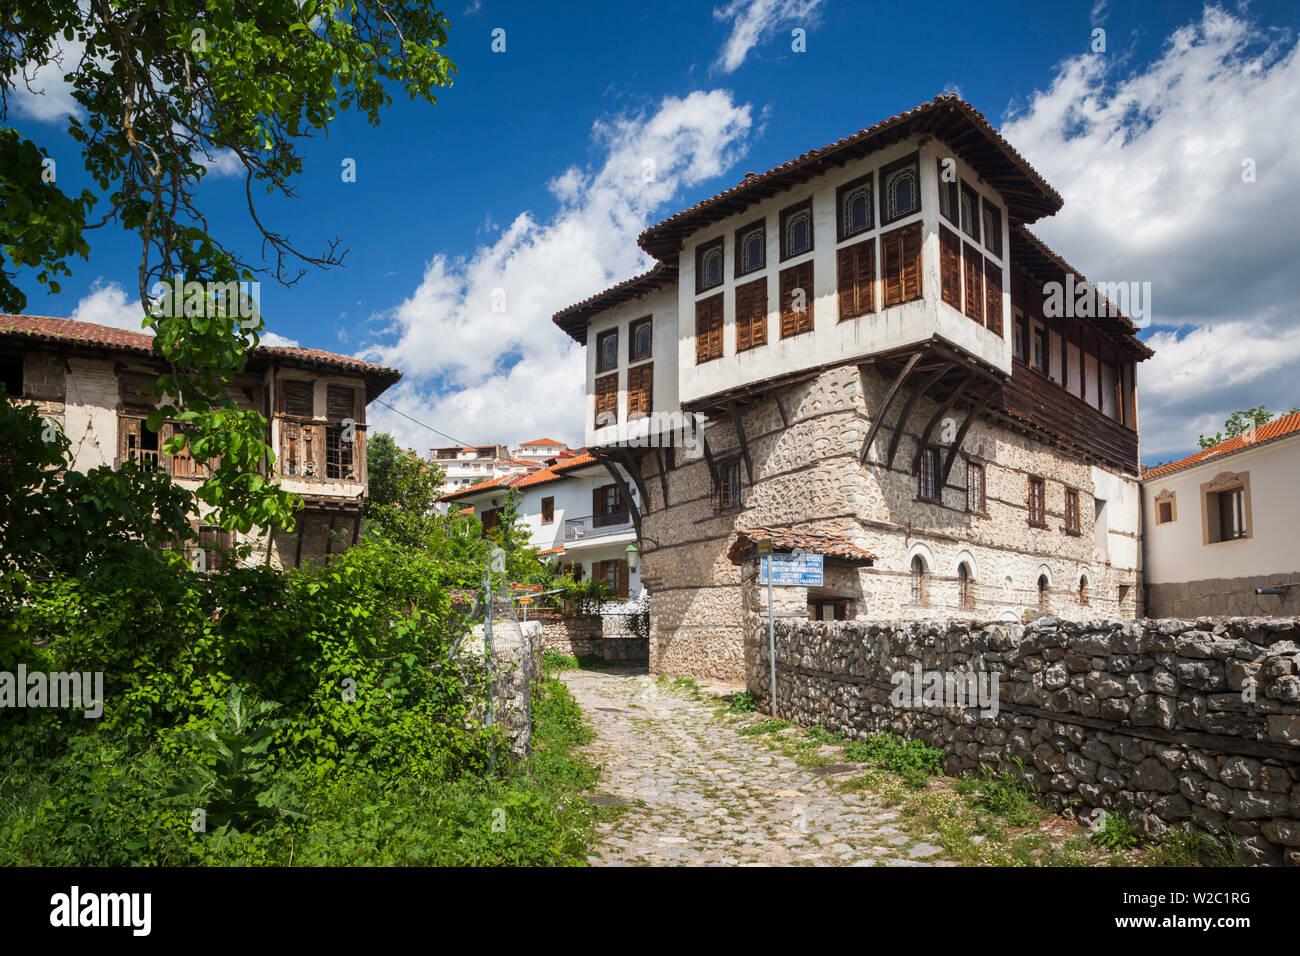 Grecia, Macedonia Occidental Región, Kastoria, Museo de Trajes tradicionales alojado en casa de la era otomana Imagen De Stock